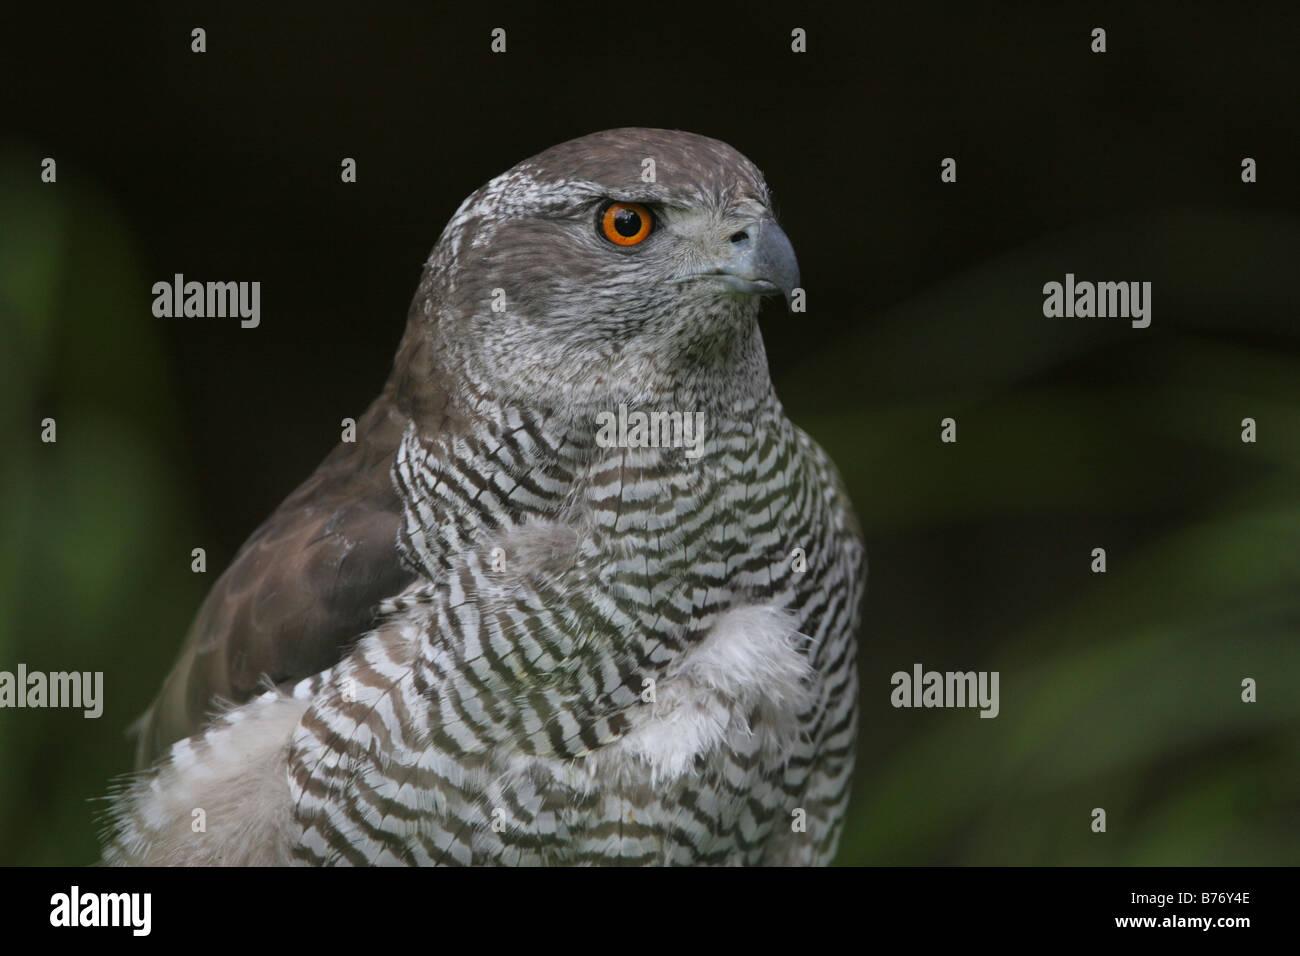 Goshawk, Accipitridae - Stock Image